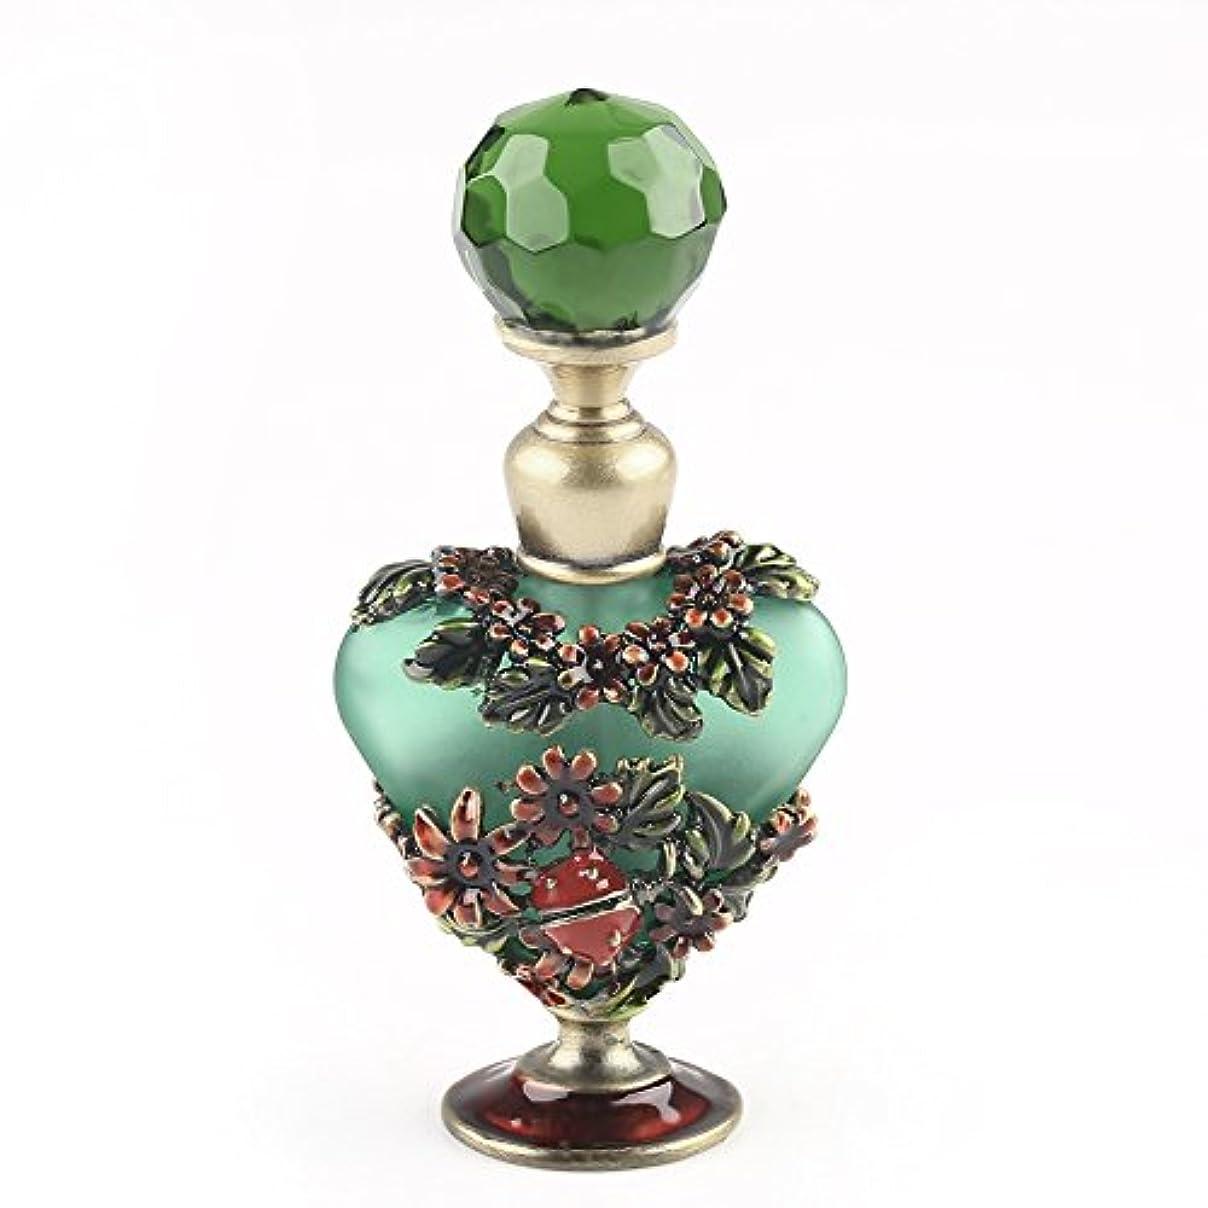 製作巨大なドローVERY100 高品質 美しい香水瓶/アロマボトル 5ML アロマオイル用瓶 綺麗アンティーク調 フラワーデザイン プレゼント 結婚式 飾り 70292